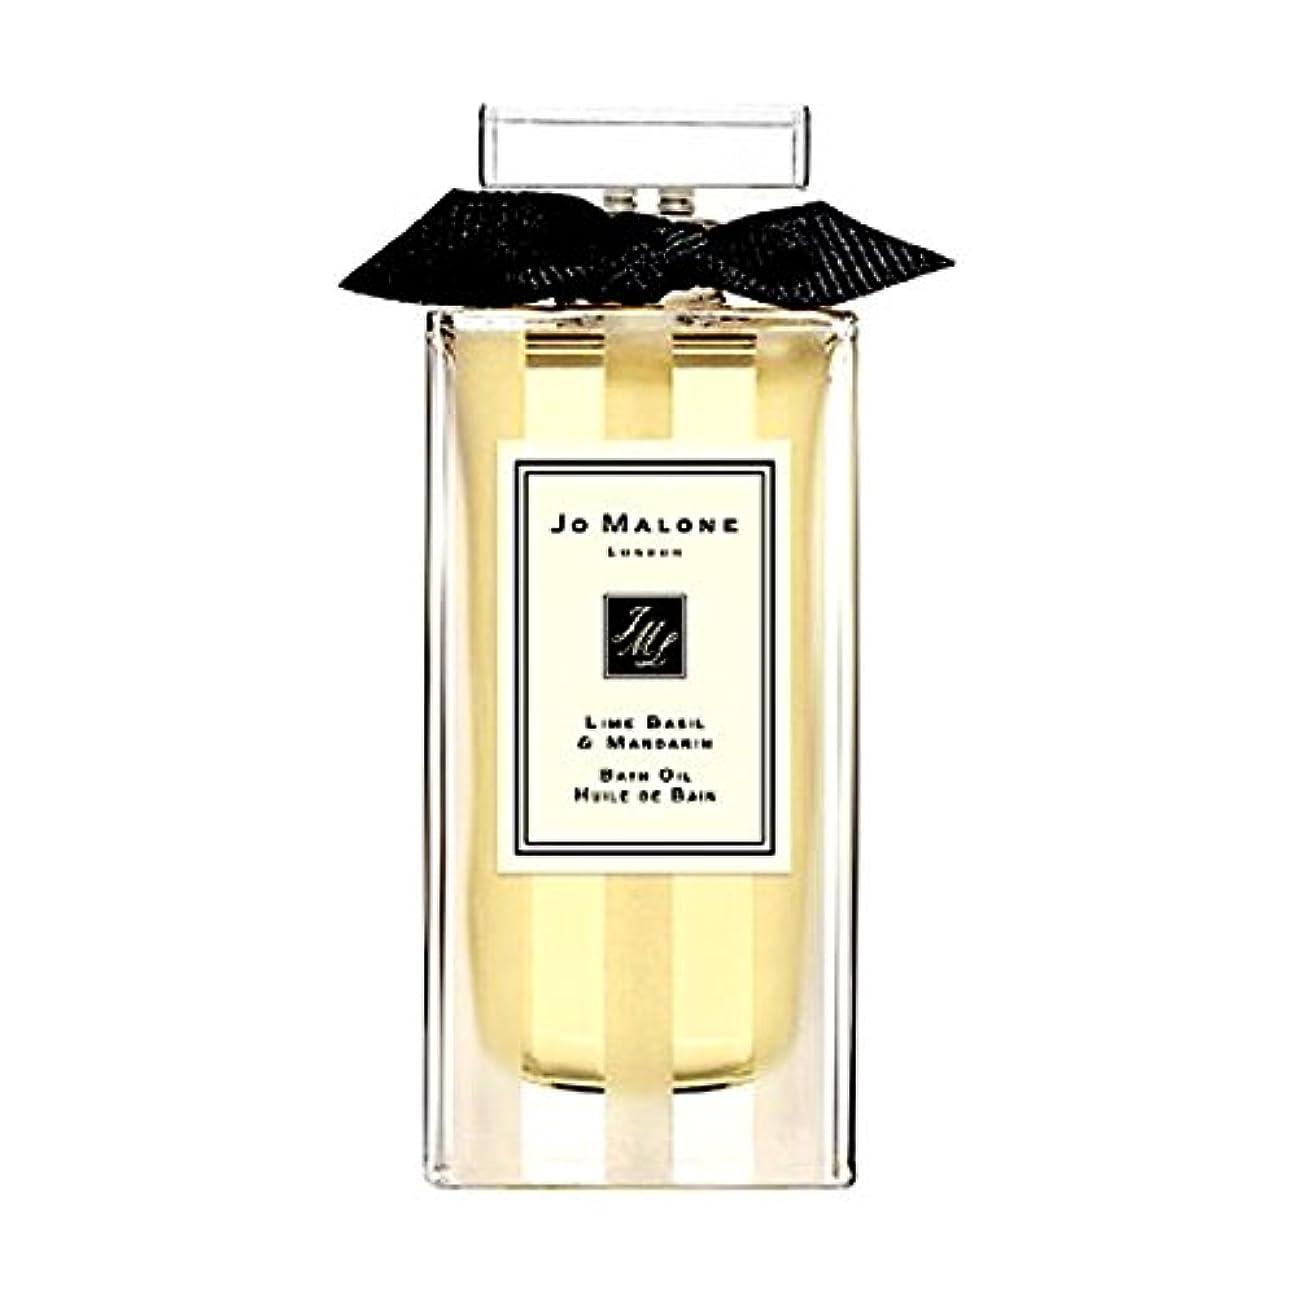 前述の乱れ拘束Jo Maloneジョーマローン, バスオイル -ライムバジル&マンダリン (30ml),' Lime Basil & Mandarin' Bath Oil (1oz) [海外直送品] [並行輸入品]